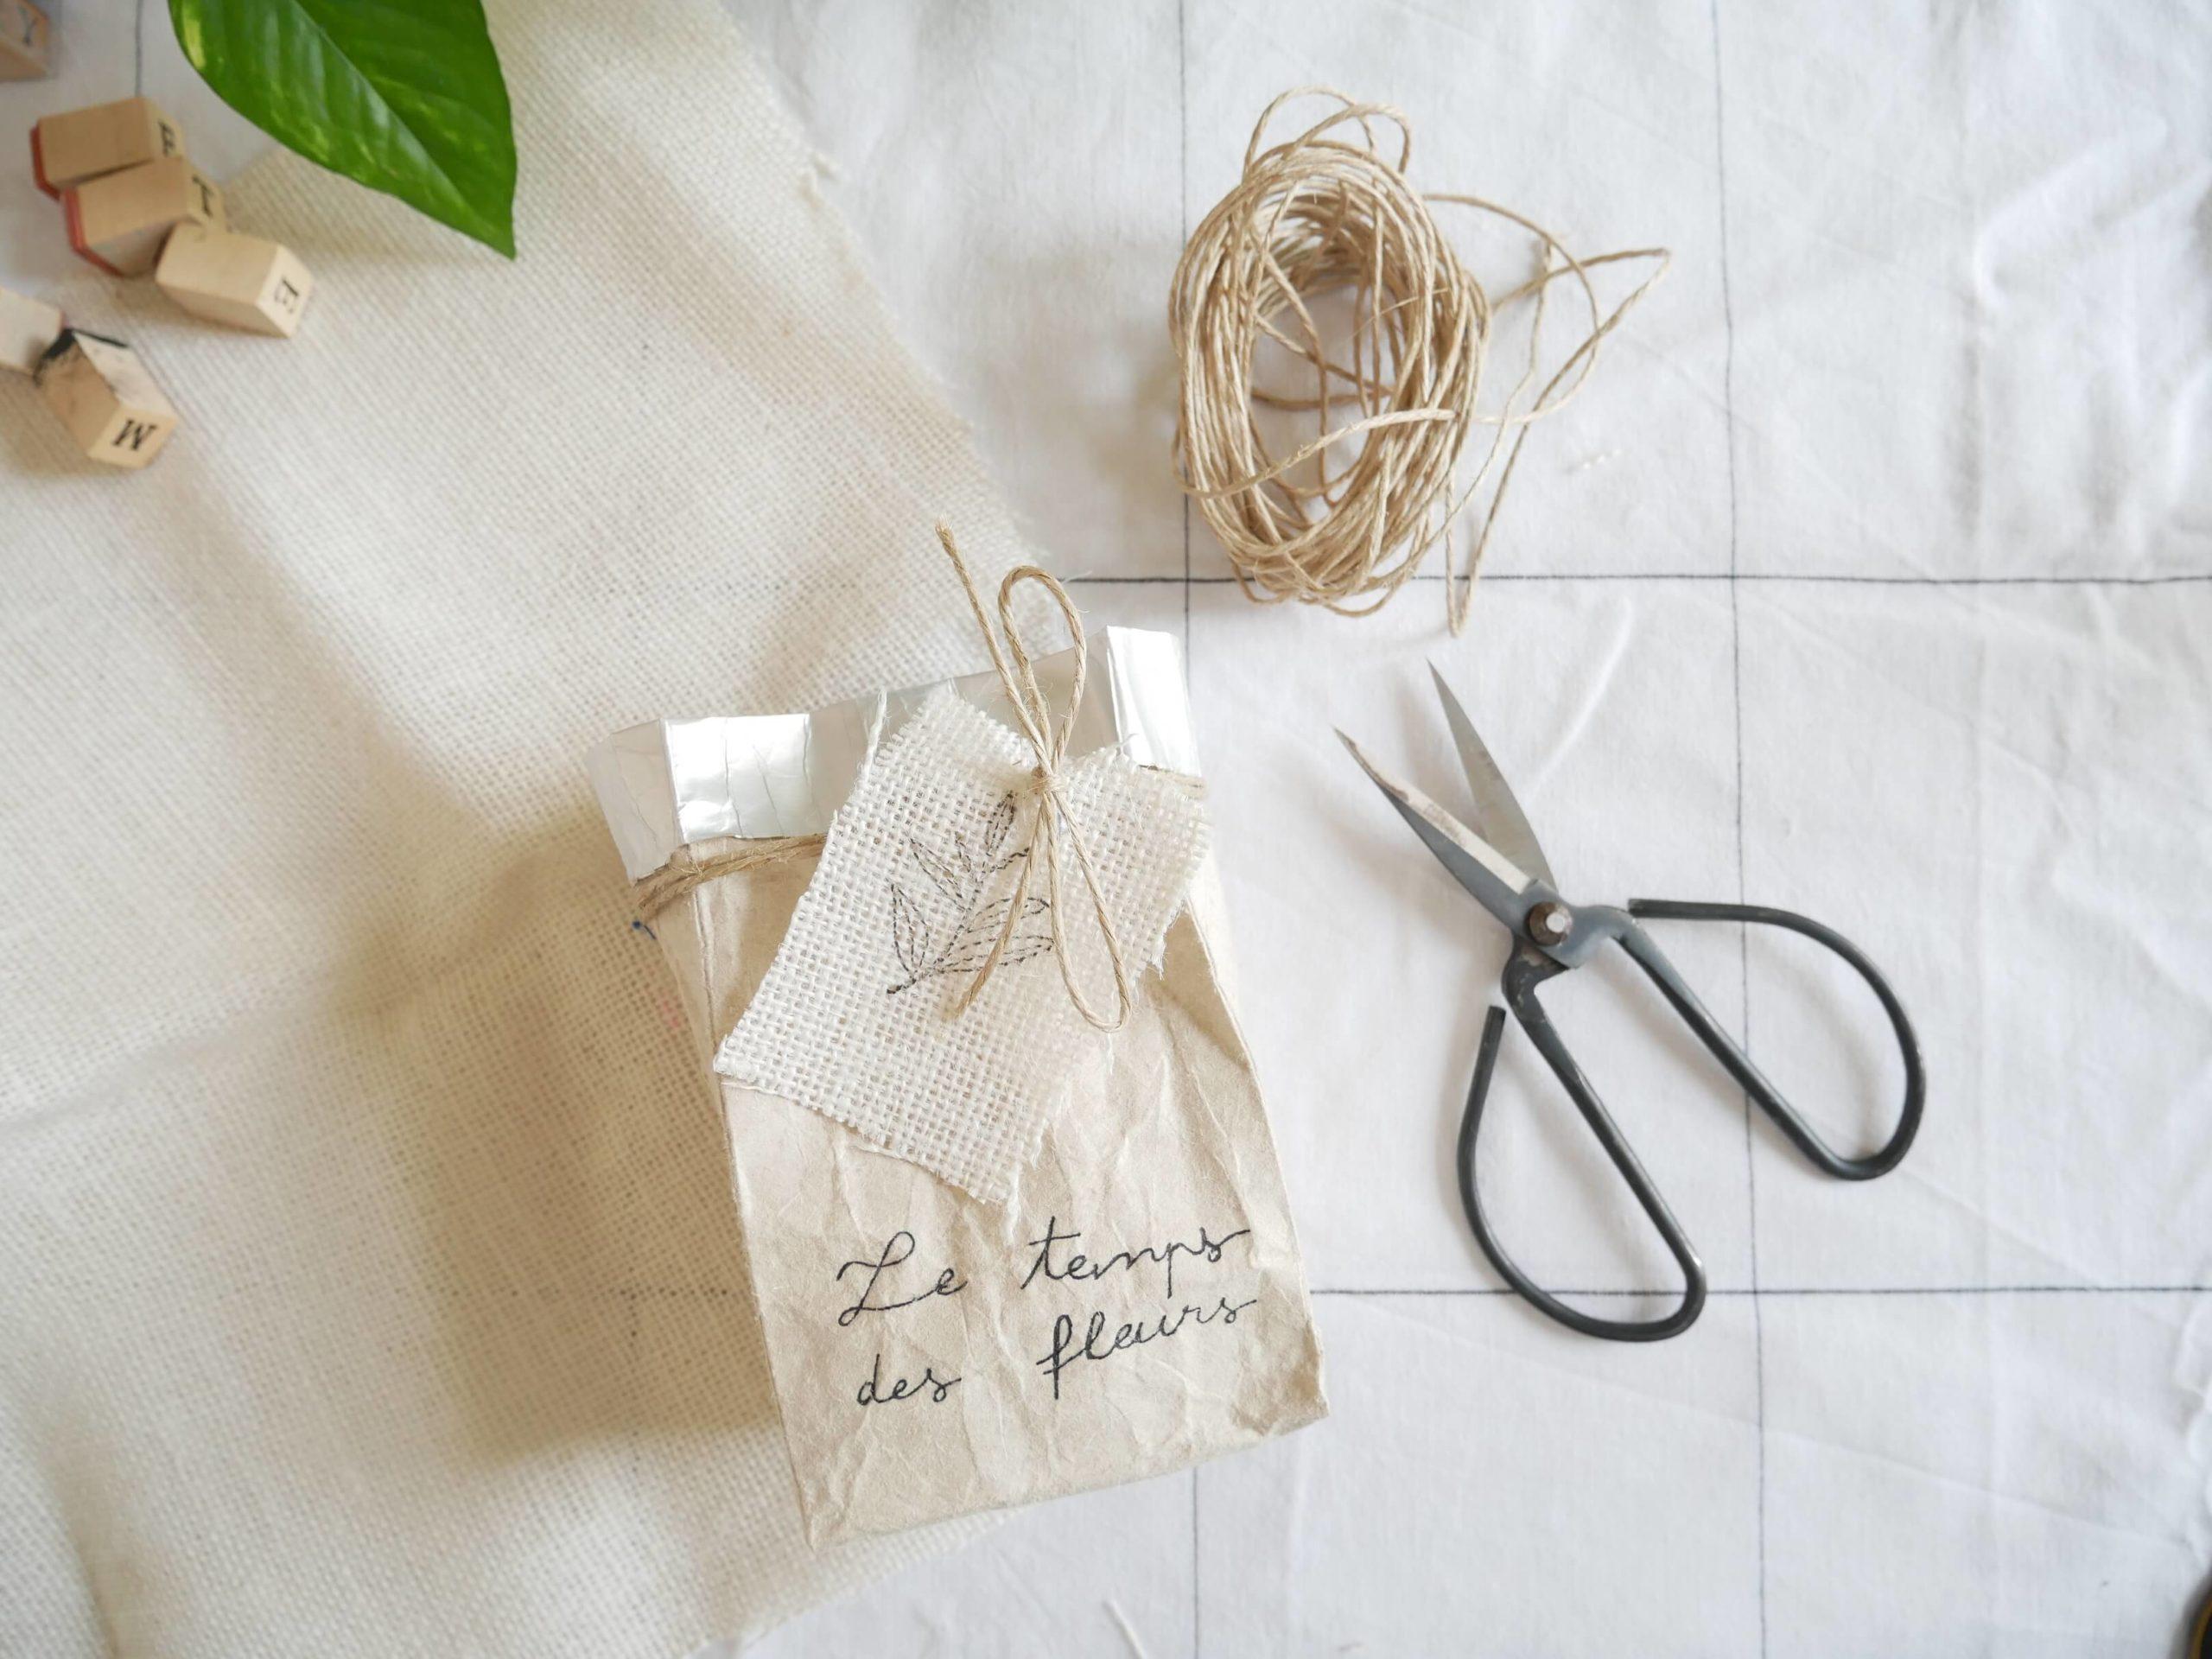 tutoriel-recyclage-vase1-lesateliersdangelique-auboulotcocotte